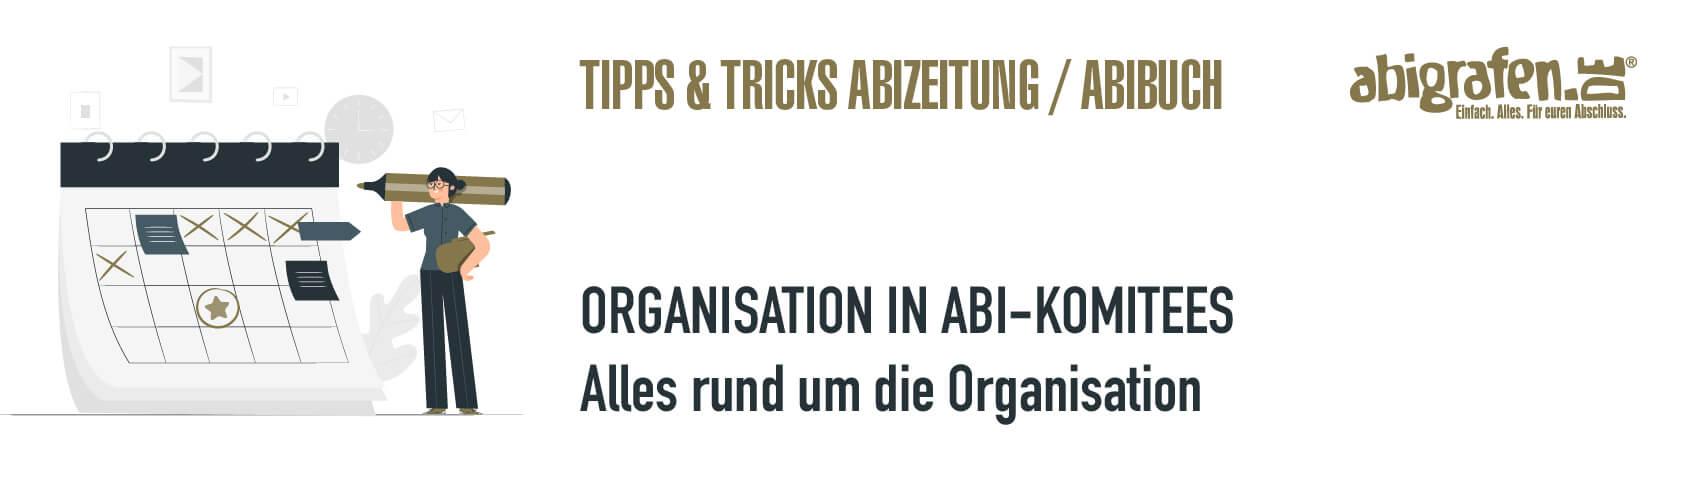 abigrafen-abizeitung-tipps-und-tricks-organisation